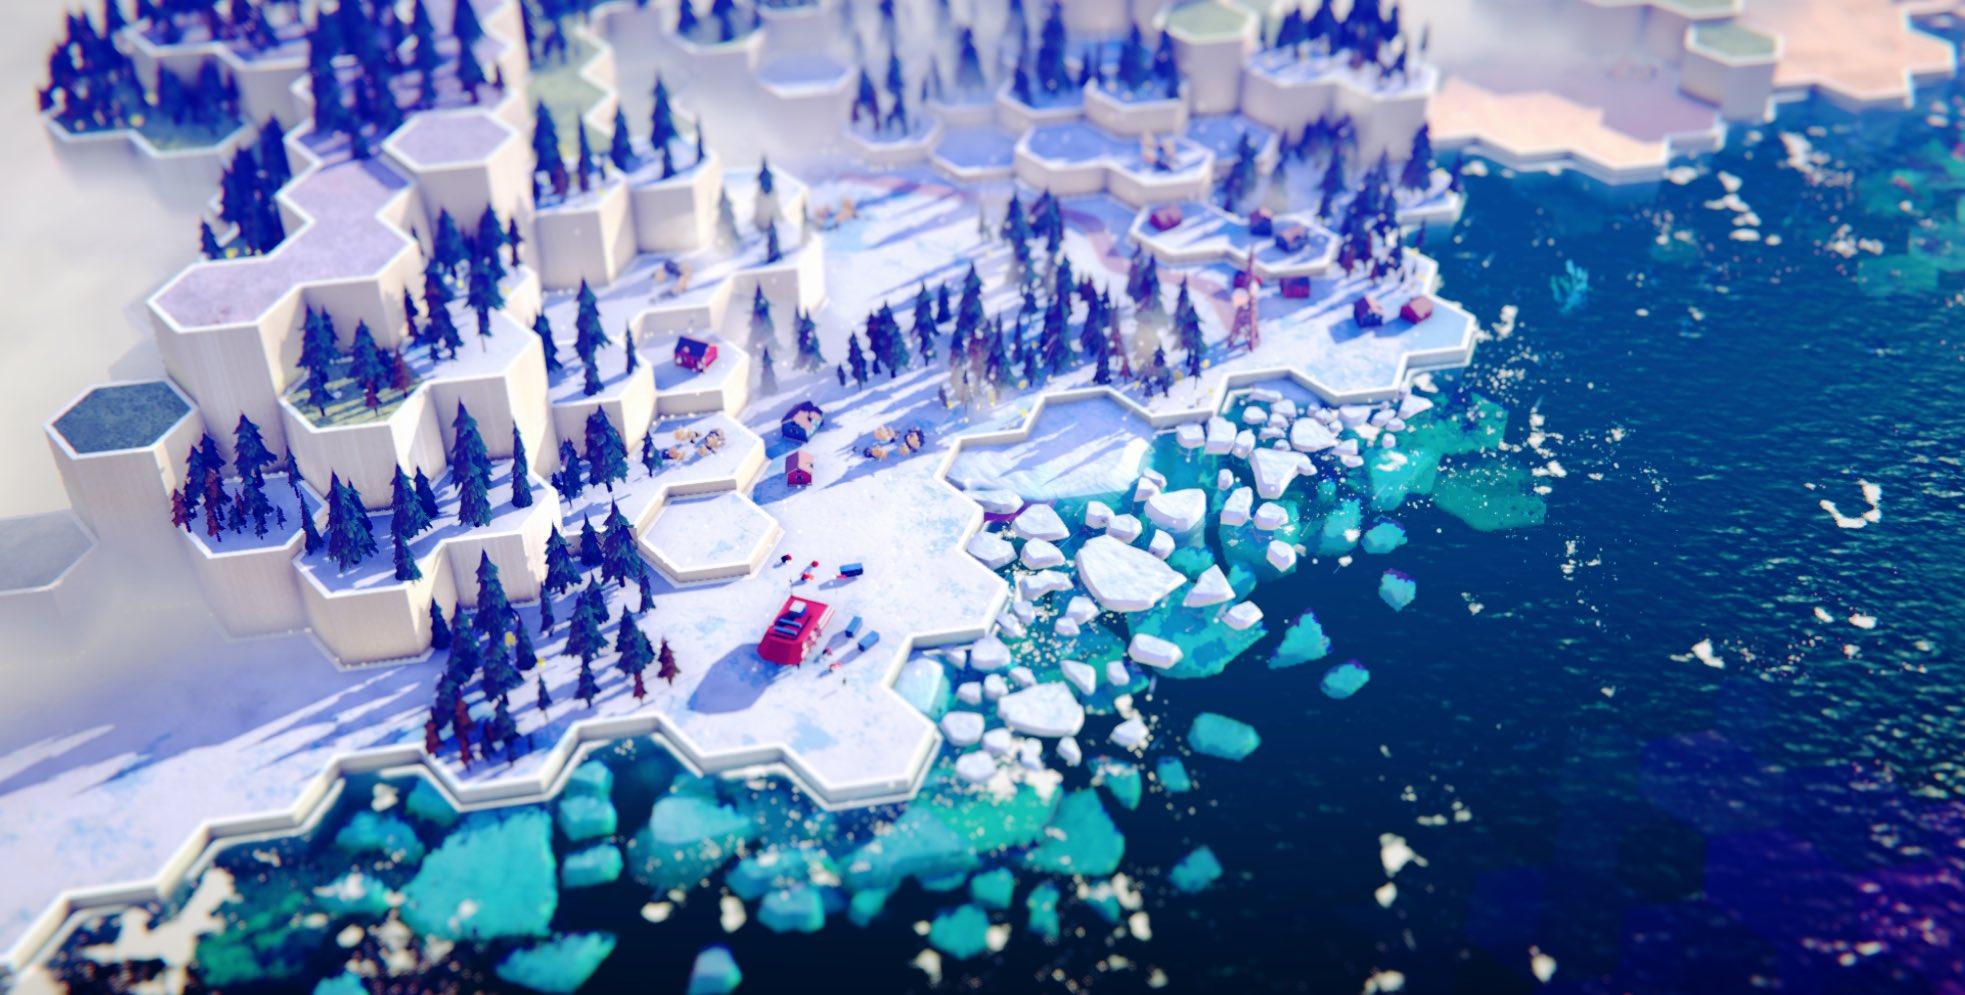 《六边星球》发布最新预告片 正式版预计2022年发售